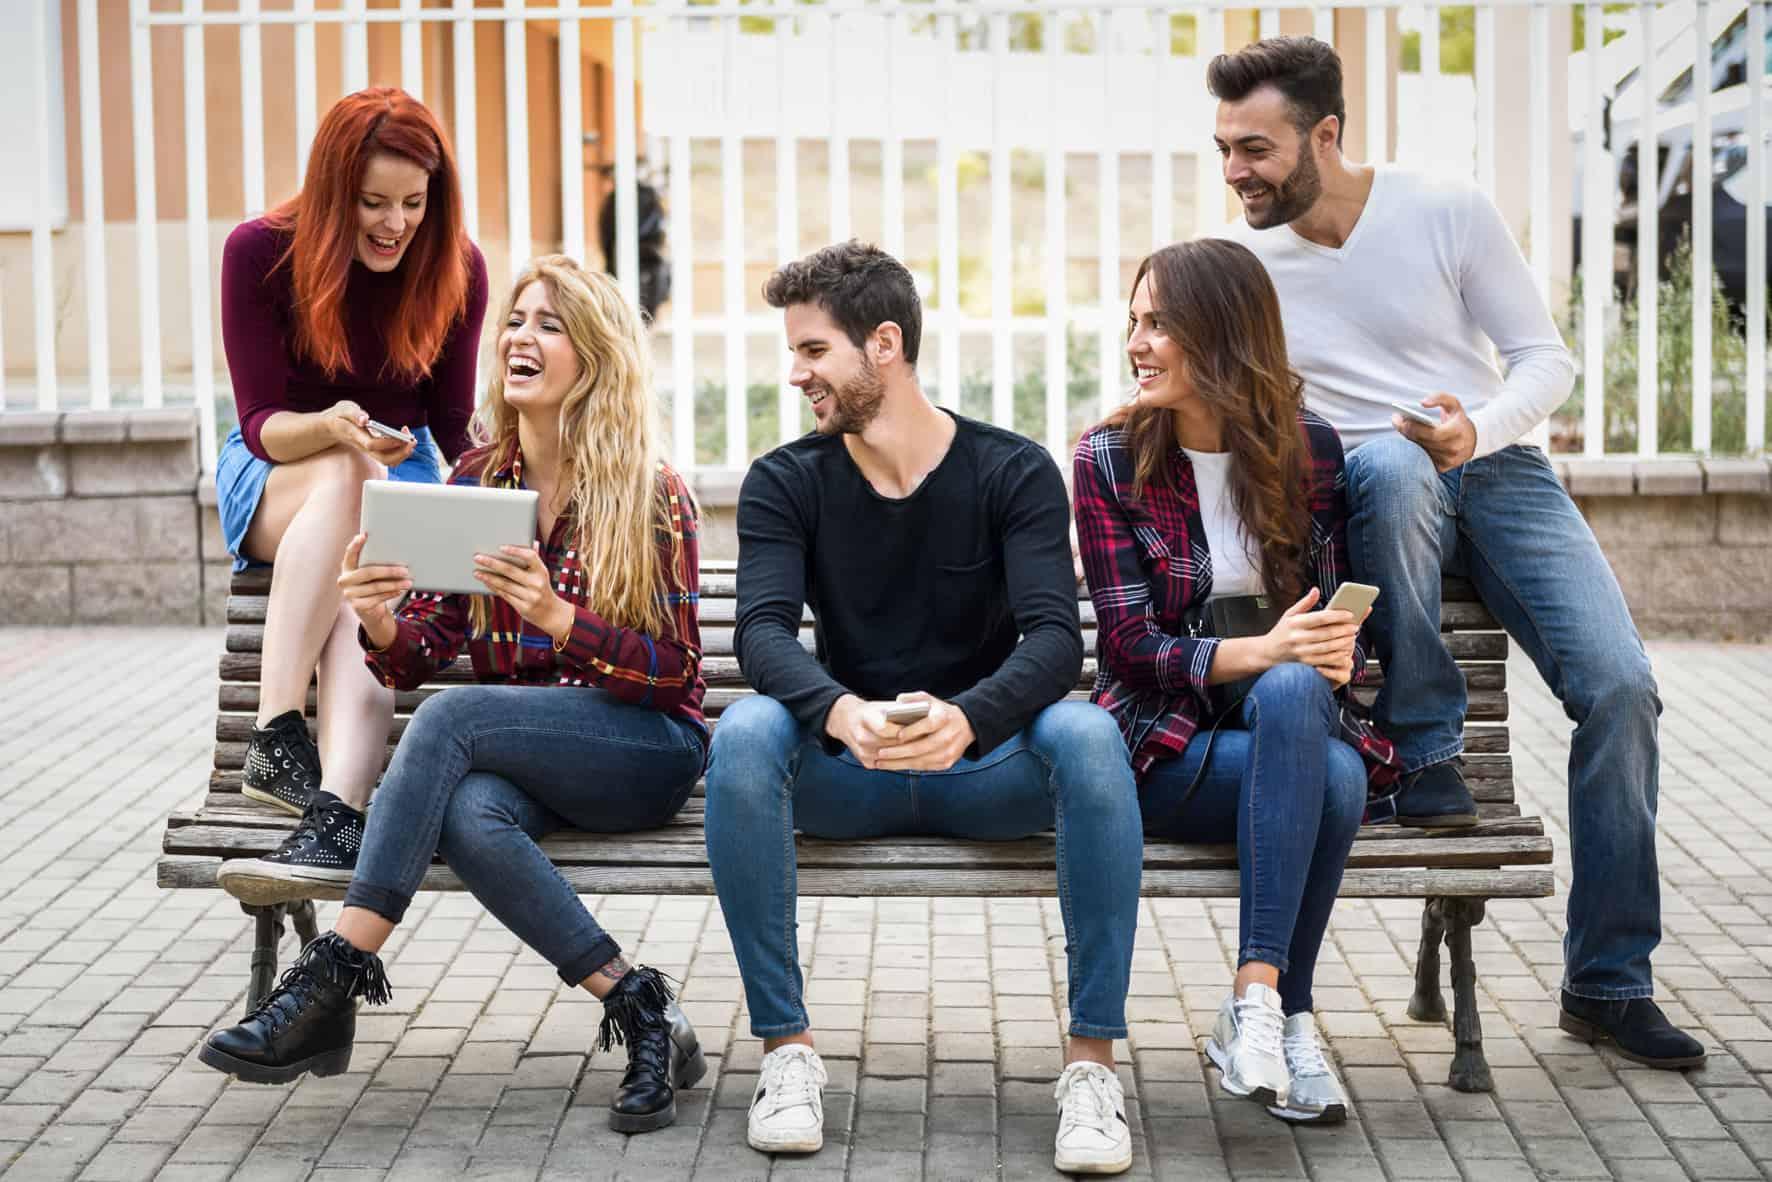 Studenten freuen sich, weil sie verstehen, wie die BAföG Rückzahlung funktioniert